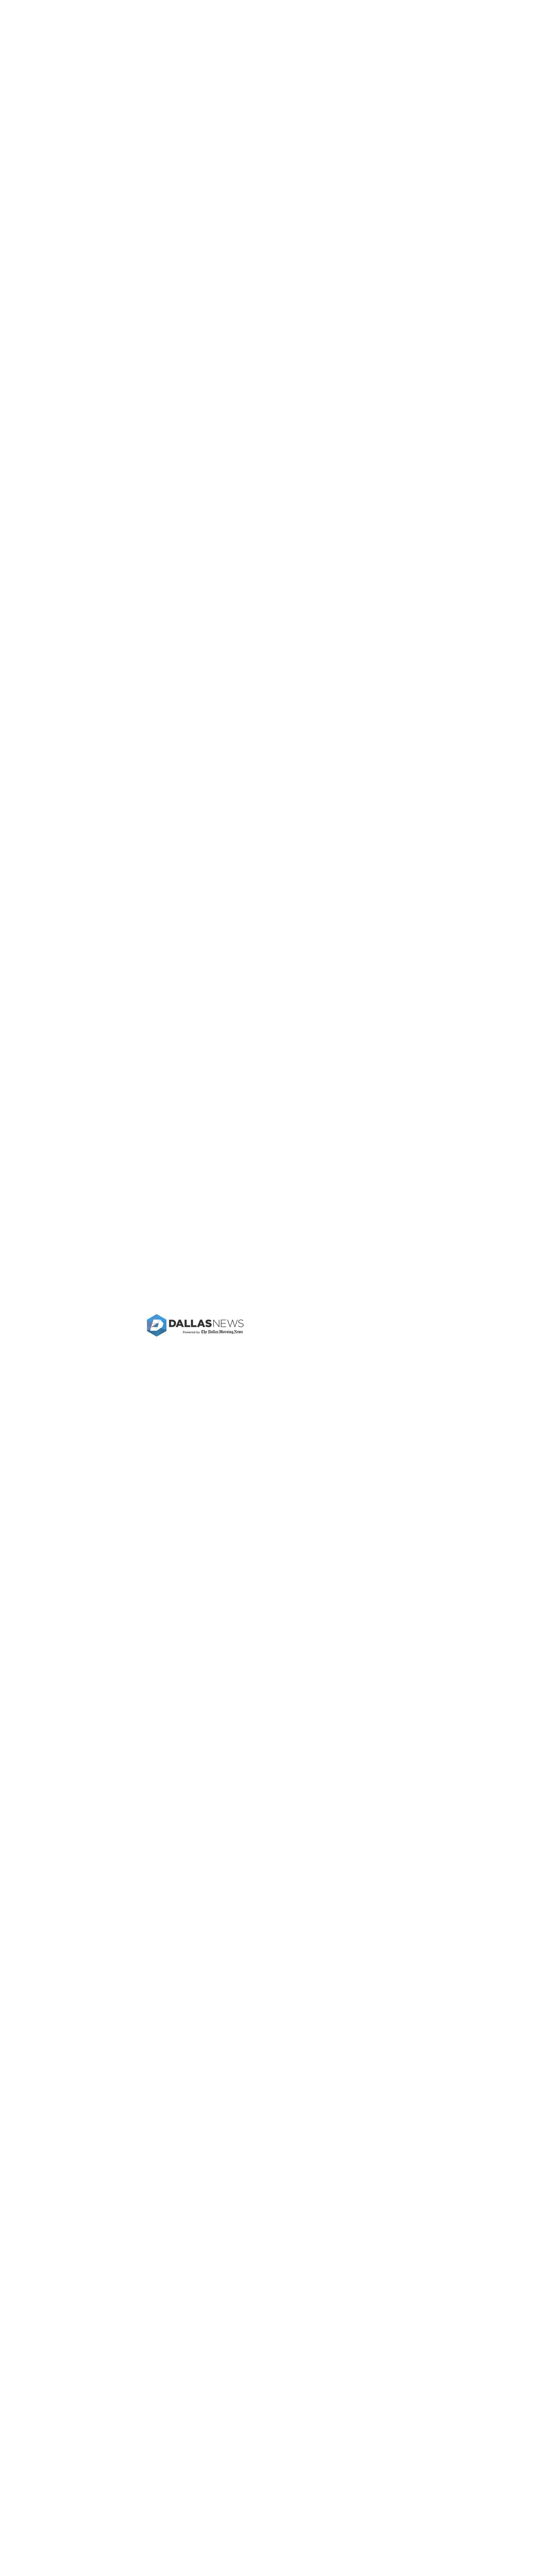 dallasnews.com at Monday March 12, 2018, 10:04 a.m. UTC